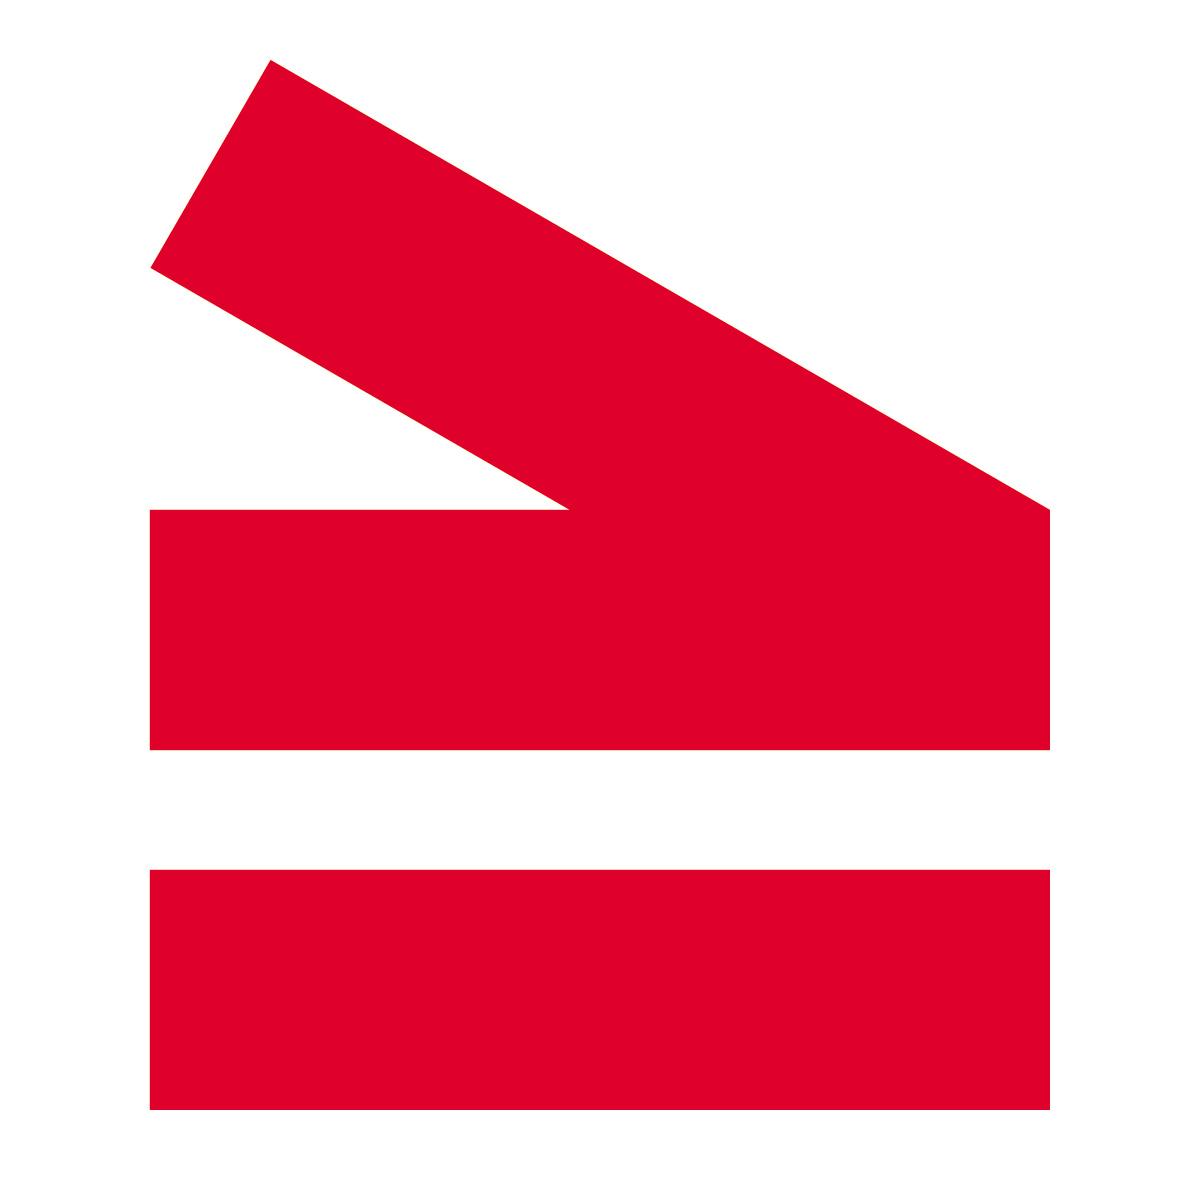 Clip Art: Math Symbols: Not Equal Sign Color.